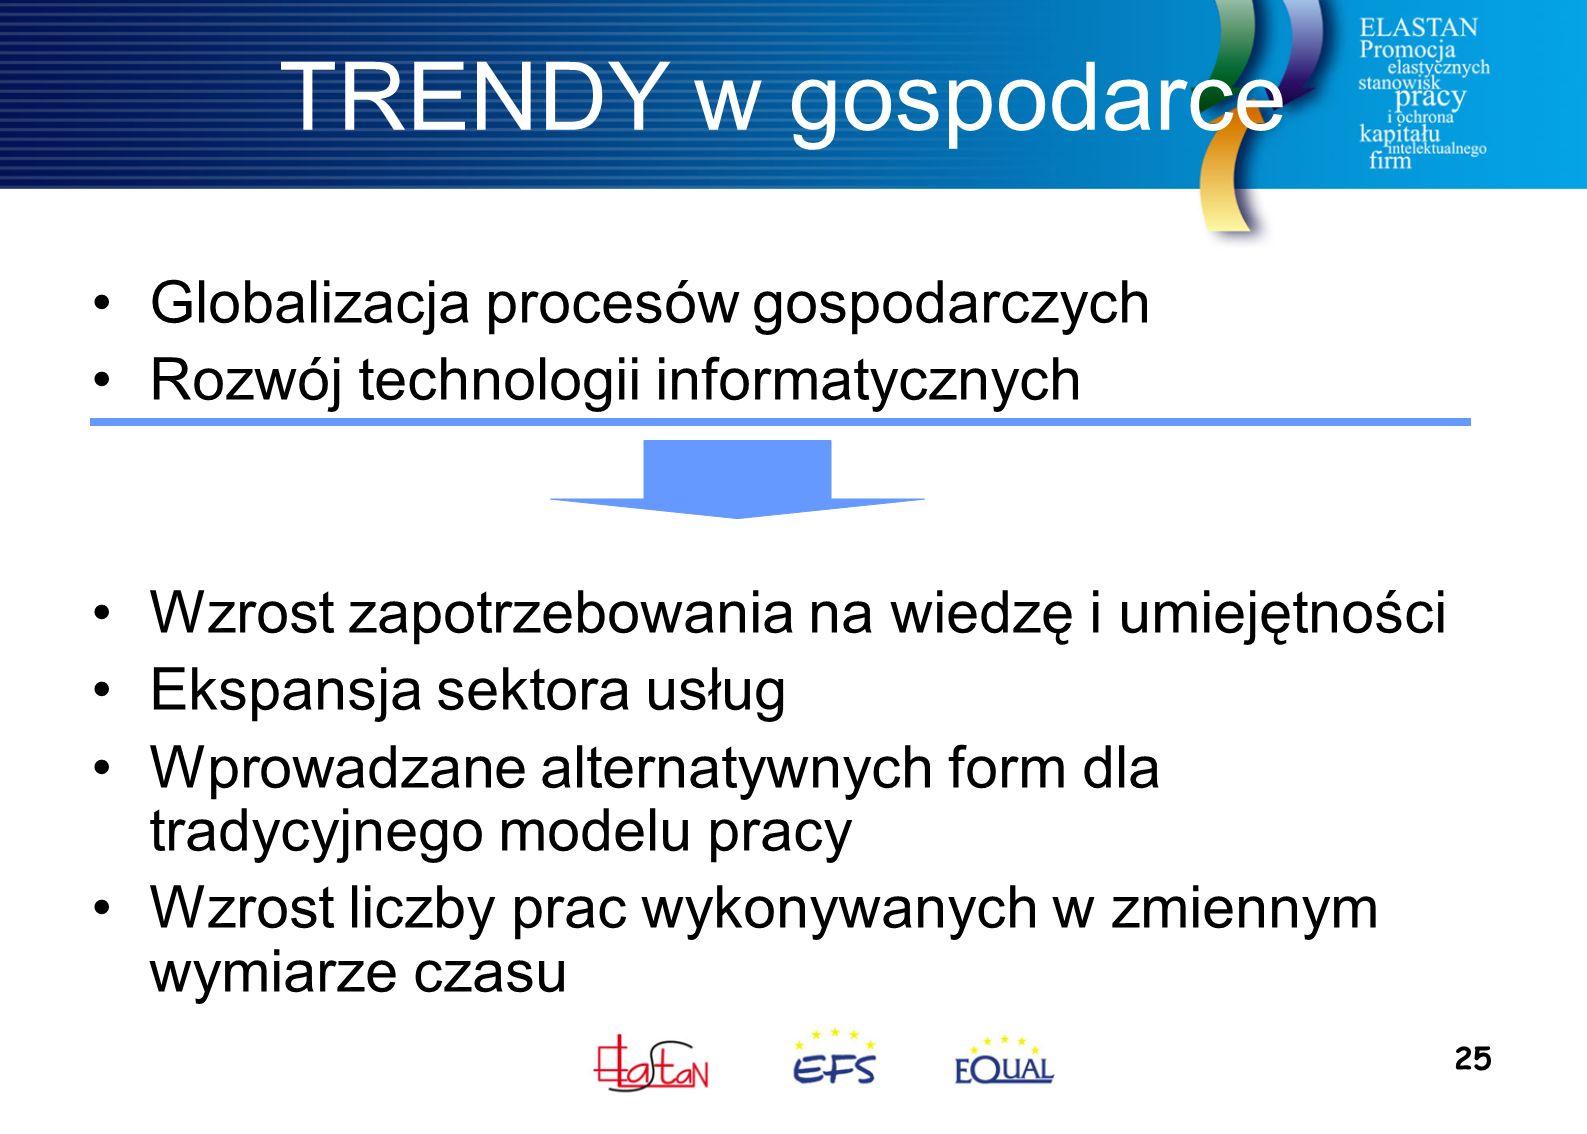 25 TRENDY w gospodarce Globalizacja procesów gospodarczych Rozwój technologii informatycznych Wzrost zapotrzebowania na wiedzę i umiejętności Ekspansja sektora usług Wprowadzane alternatywnych form dla tradycyjnego modelu pracy Wzrost liczby prac wykonywanych w zmiennym wymiarze czasu